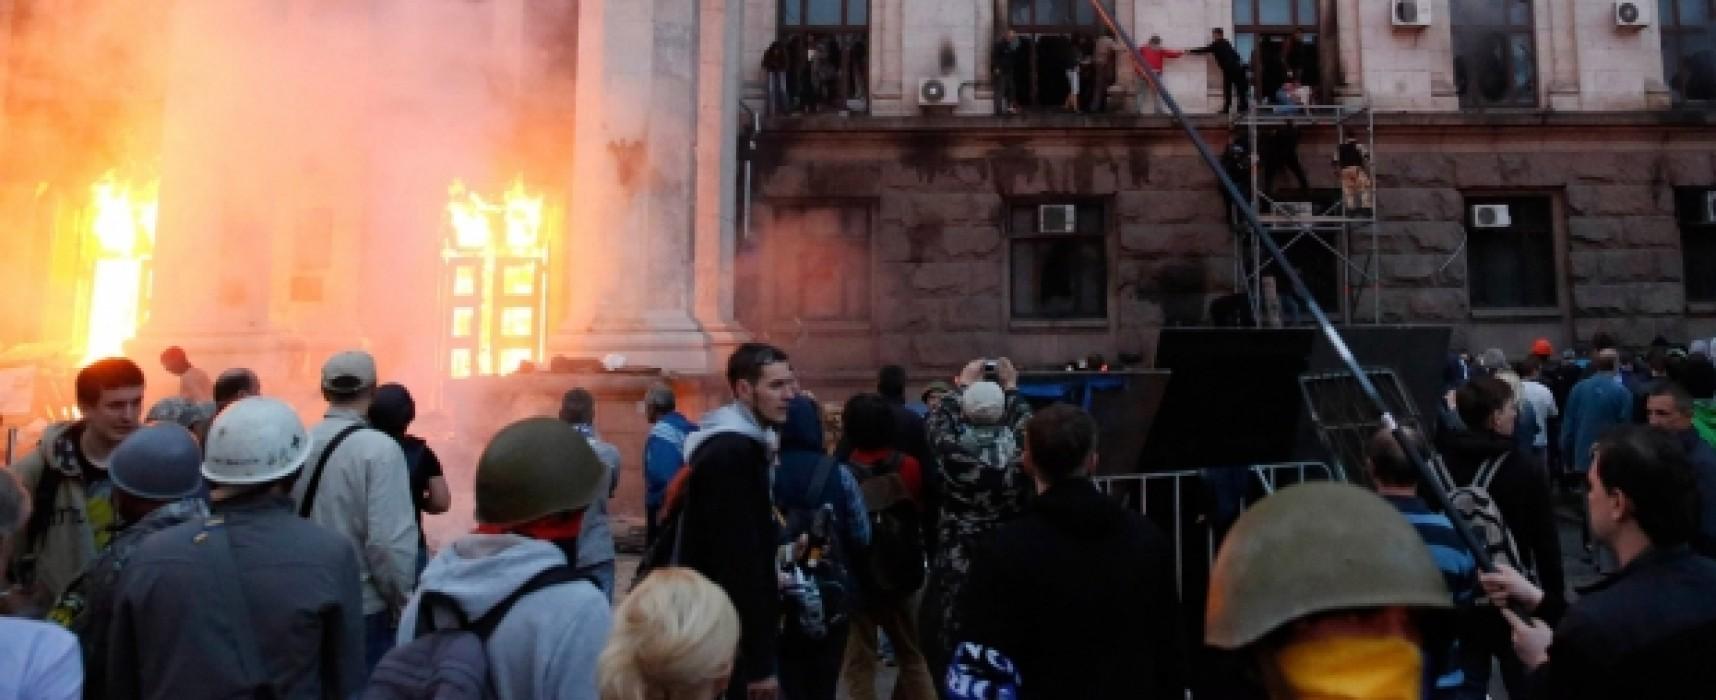 Фейк: ООН подтвердила причастность российских спецслужб к трагедии в одесском Доме профсоюзов